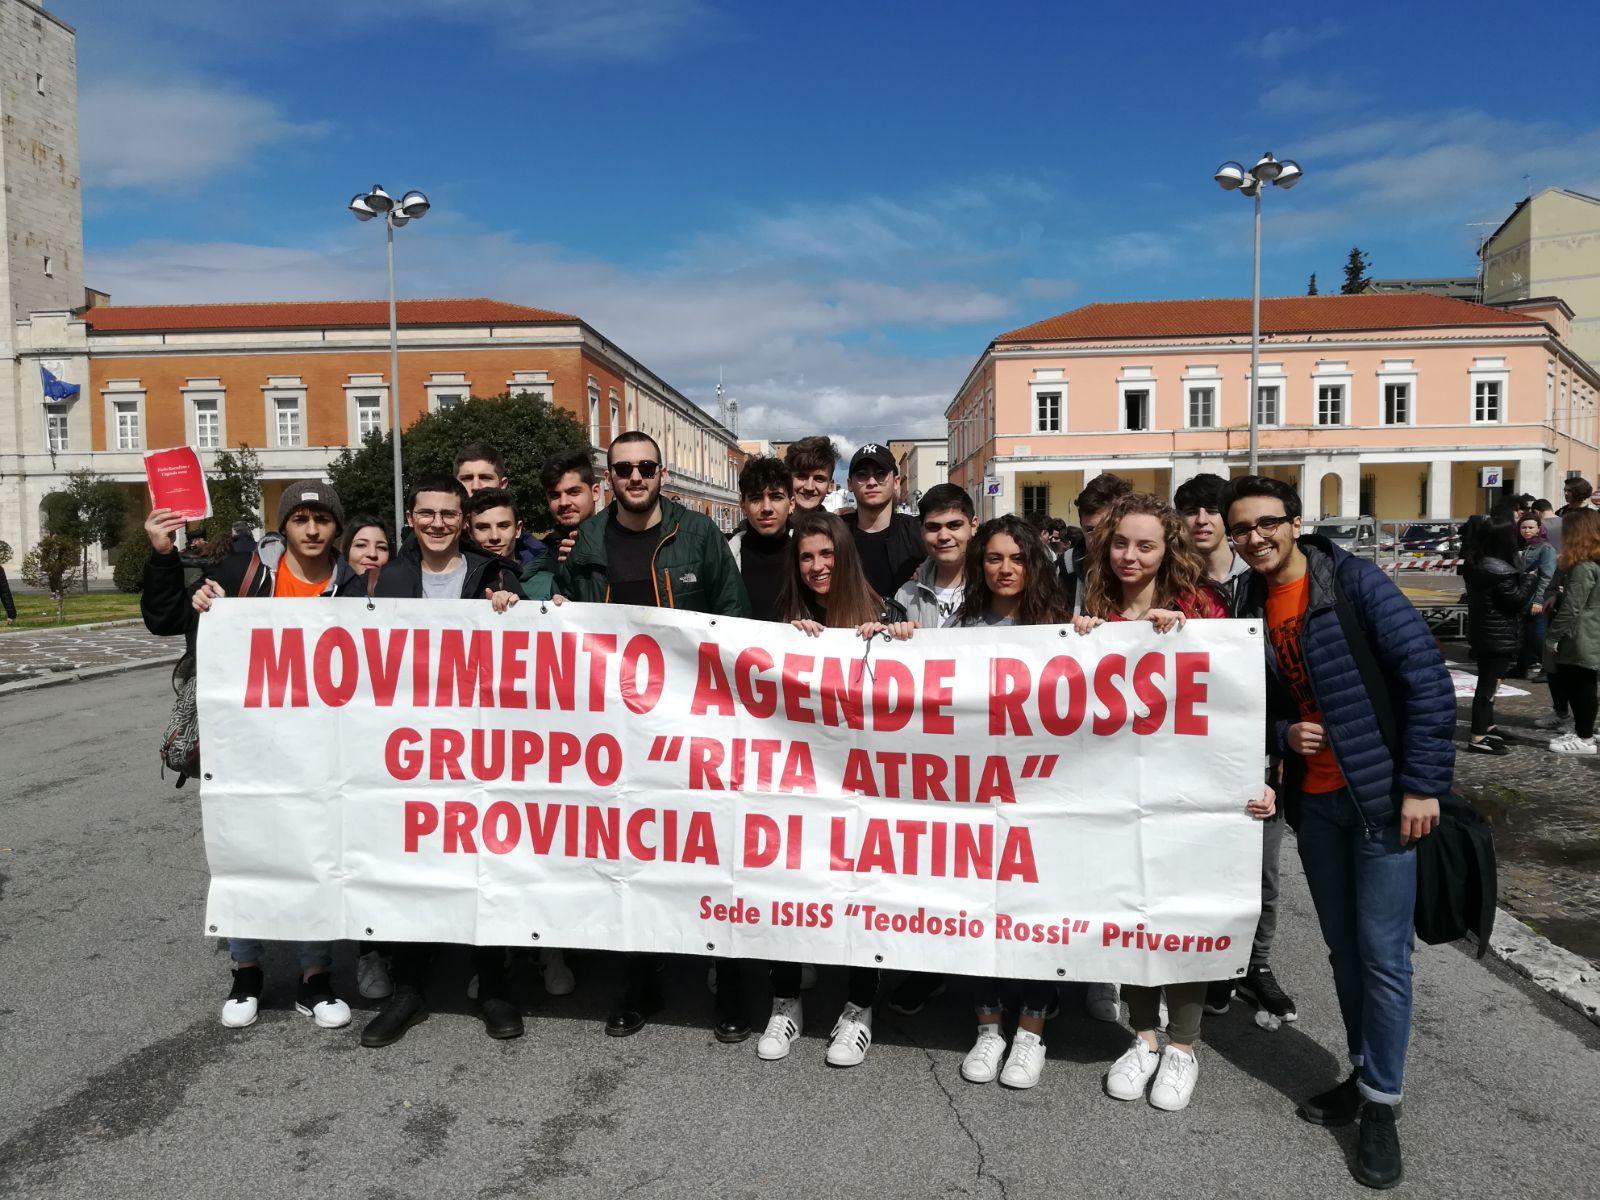 """Studenti dell'Isiss Teodosio Rossi  Priverno (Lt) Gruppo """"Rita Atria"""""""